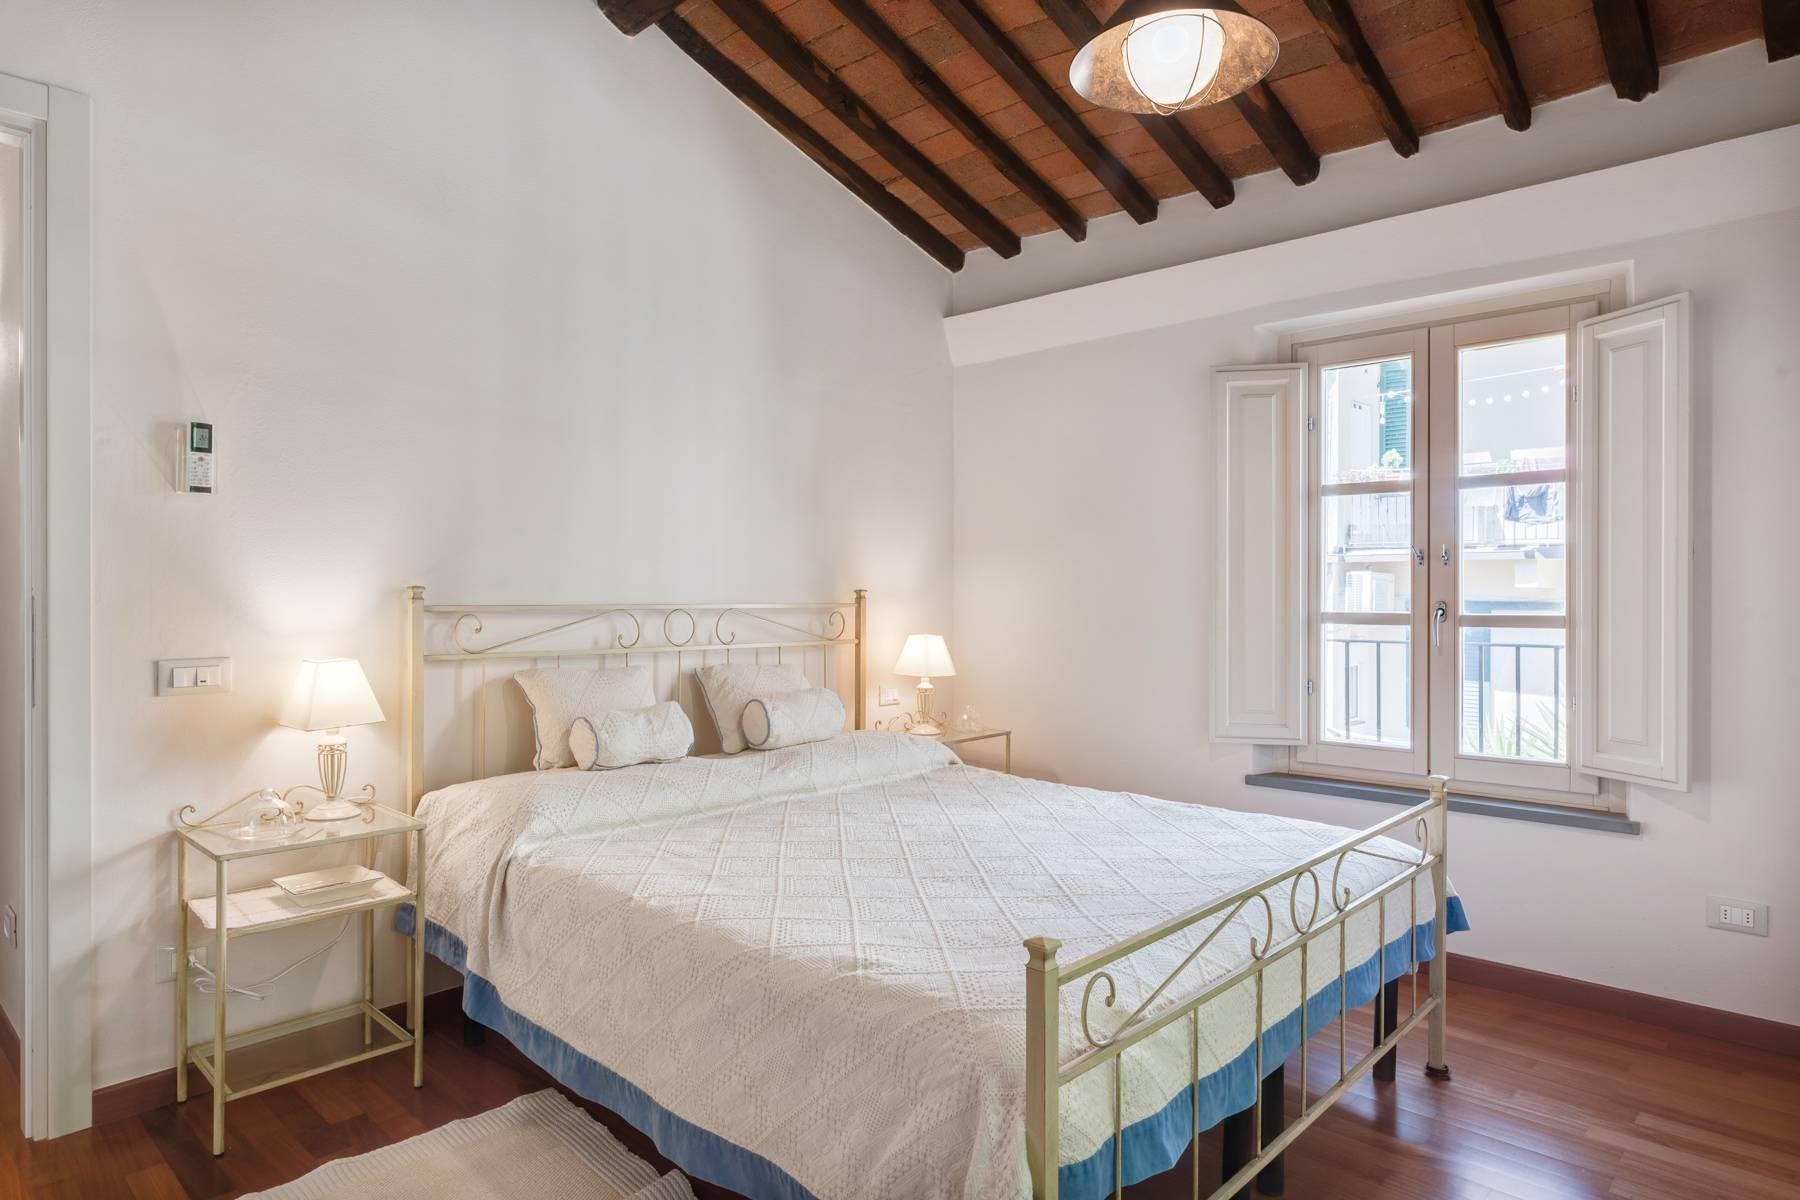 Grazioso appartamento indipendente nel cuore di Lucca - 10